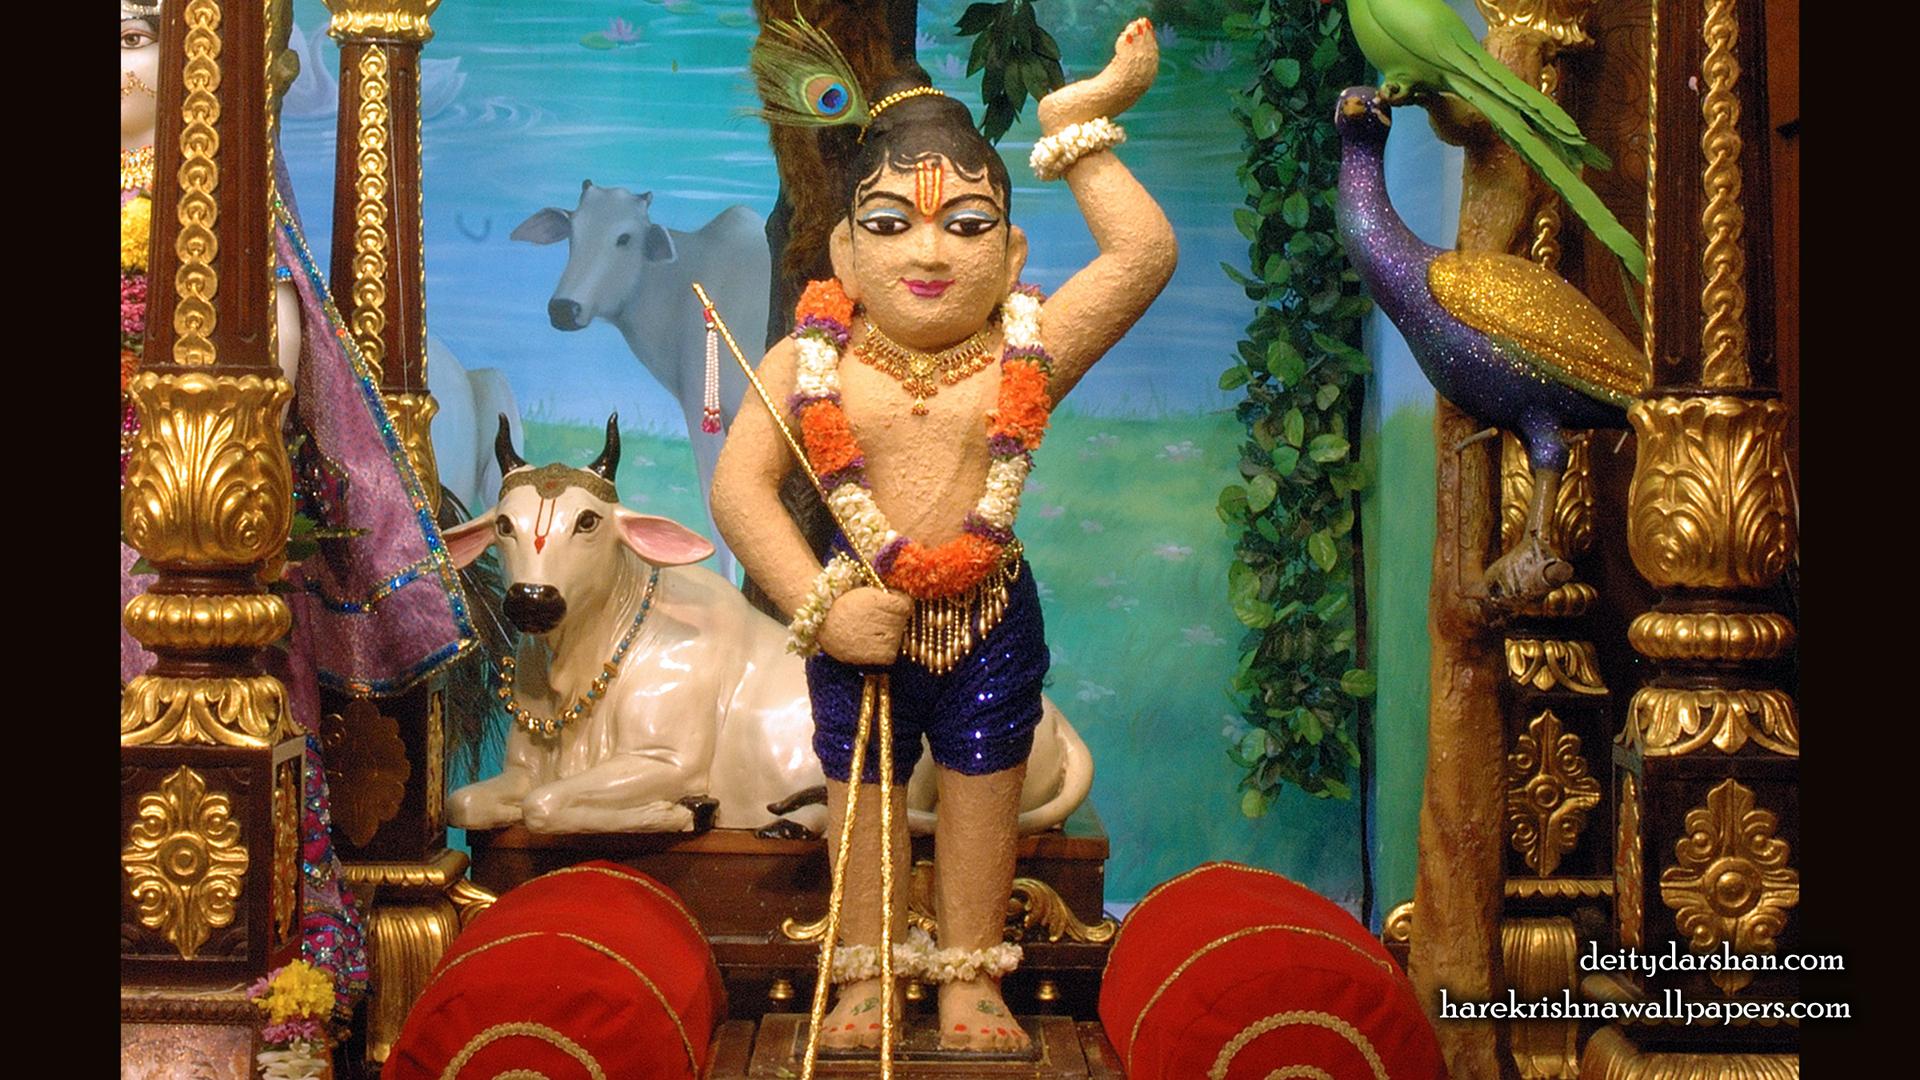 Sri Gopal Wallpaper (034) Size 1920x1080 Download